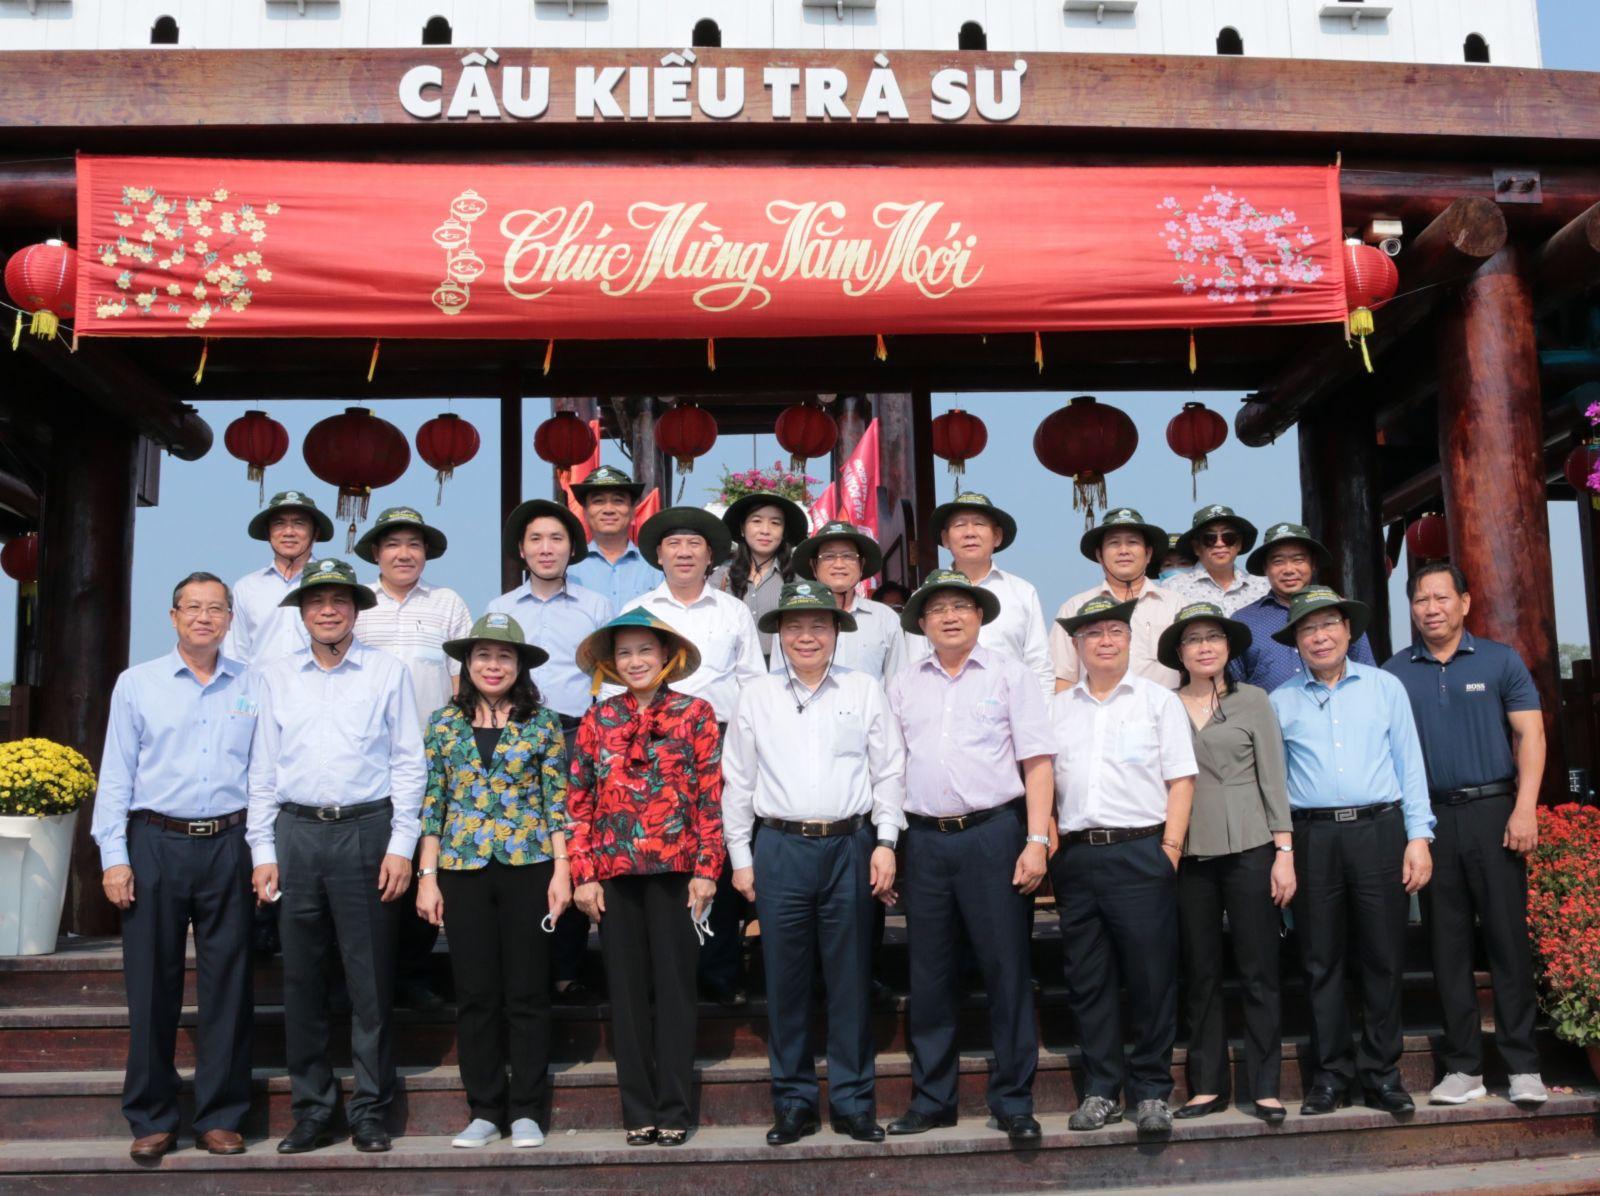 Chủ tịch Quốc hội Nguyễn Thị Kim Ngân, cùng đoàn công tác trung ương đã đến thăm Khu du lịch sinh thái rừng tràm Trà Sư